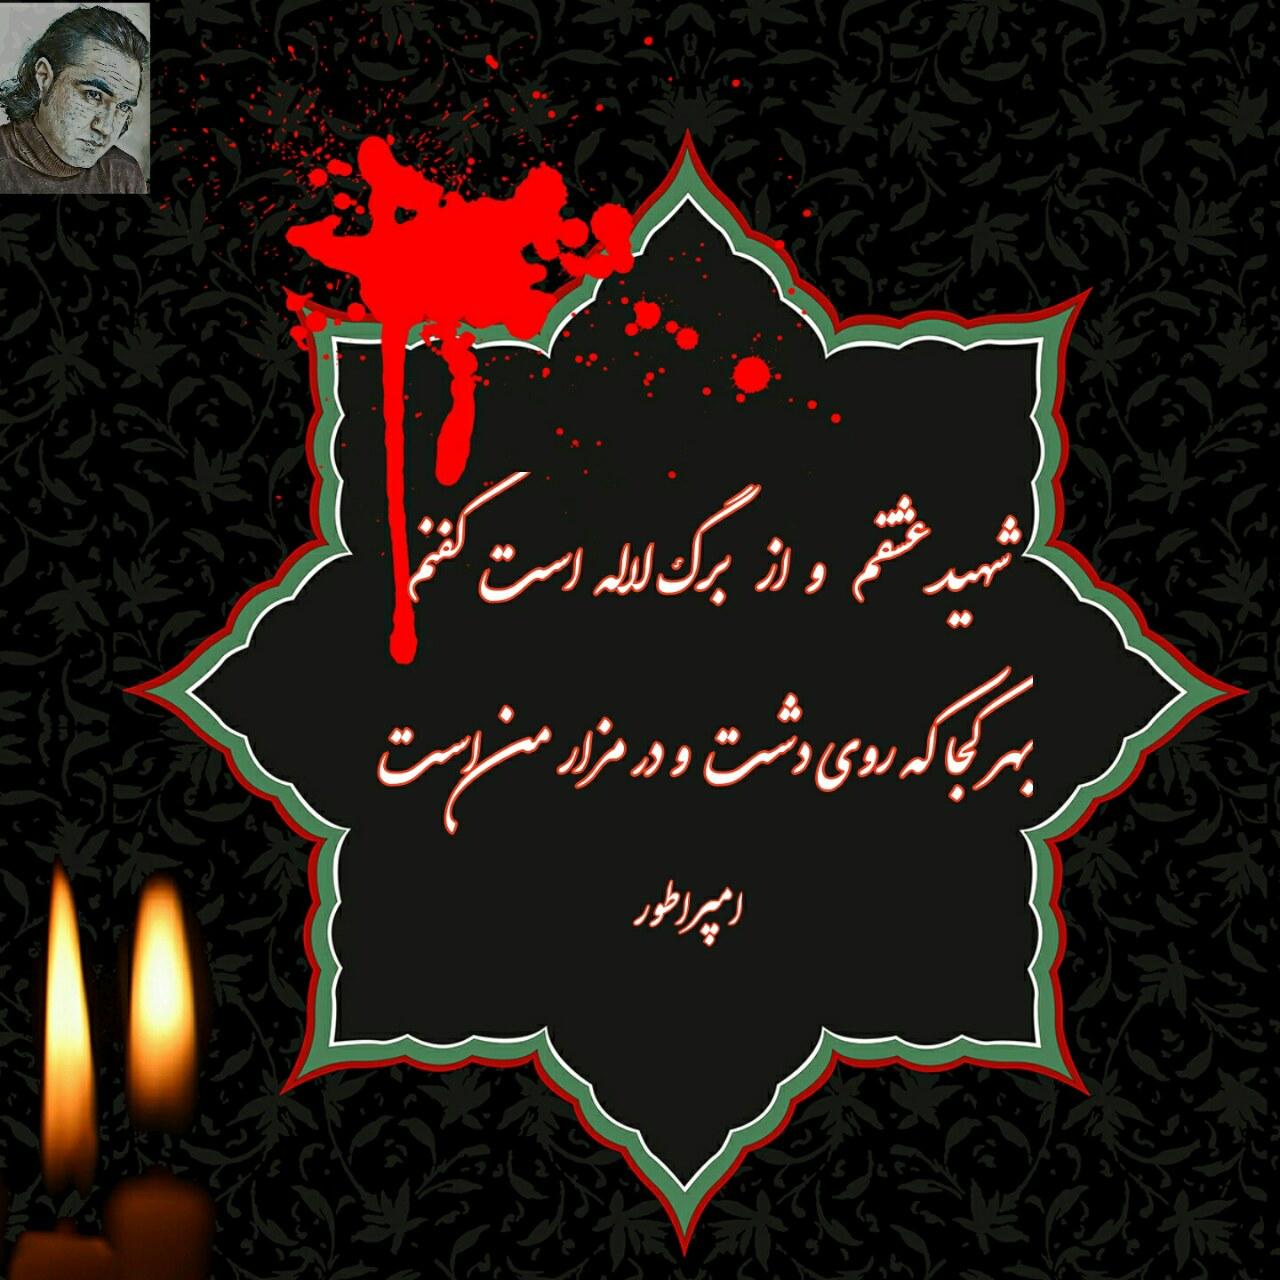 شهید عشقم و از برگ لاله است کفنم احمد محمود امپراطور 1